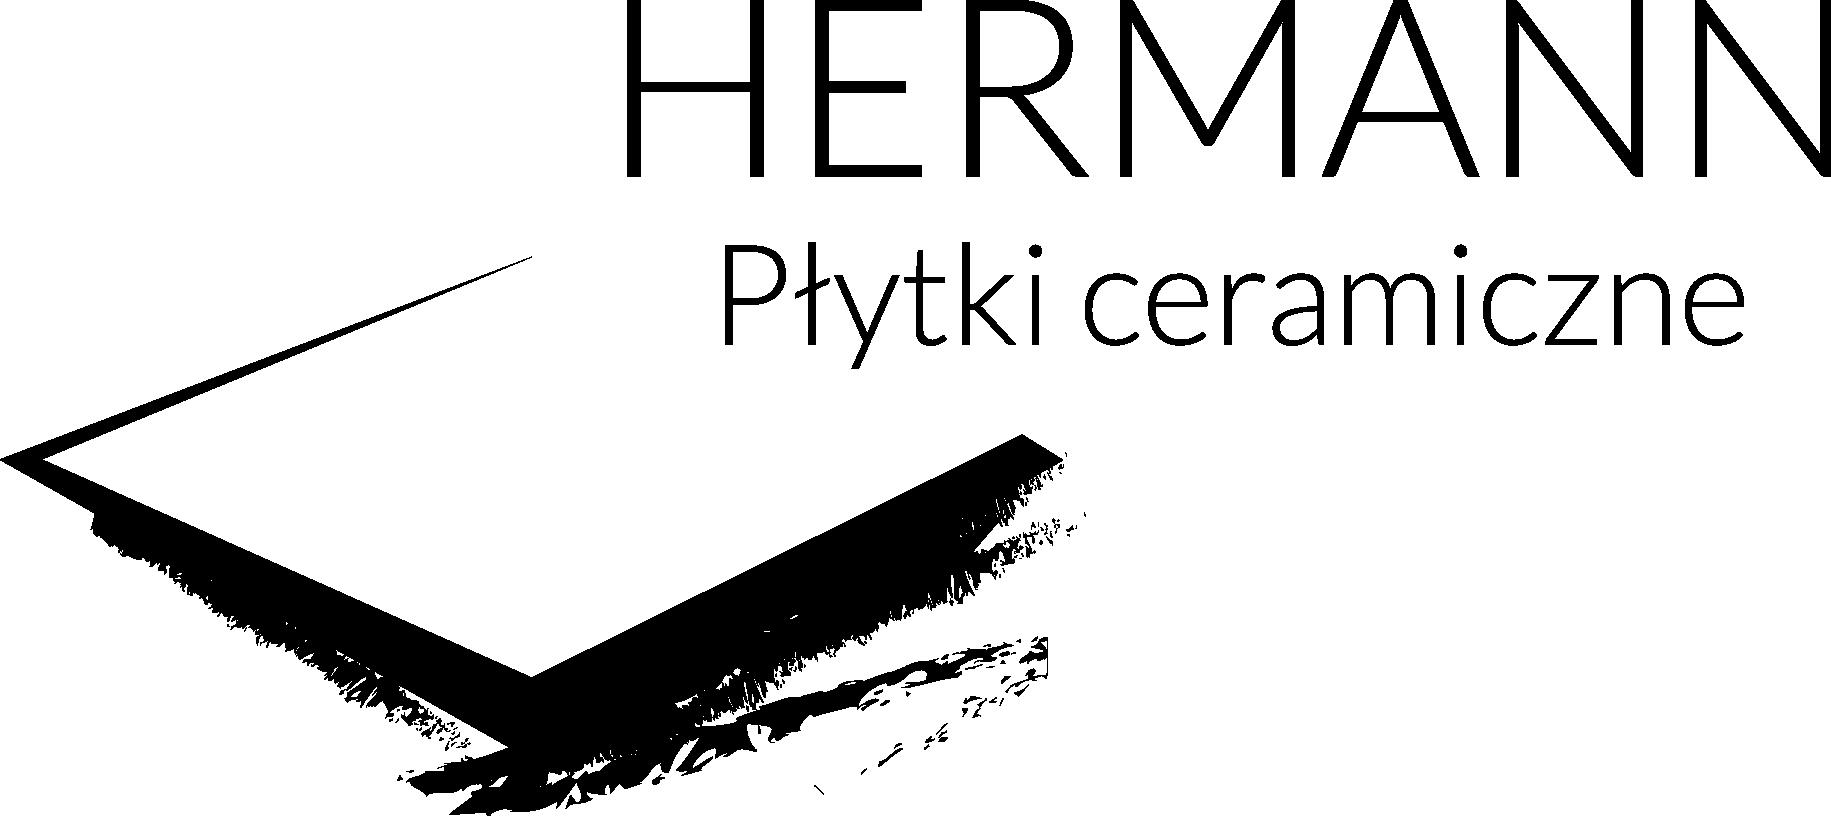 LOGO_HERMANN_rozszerzone_modyfikacja_1_czarne